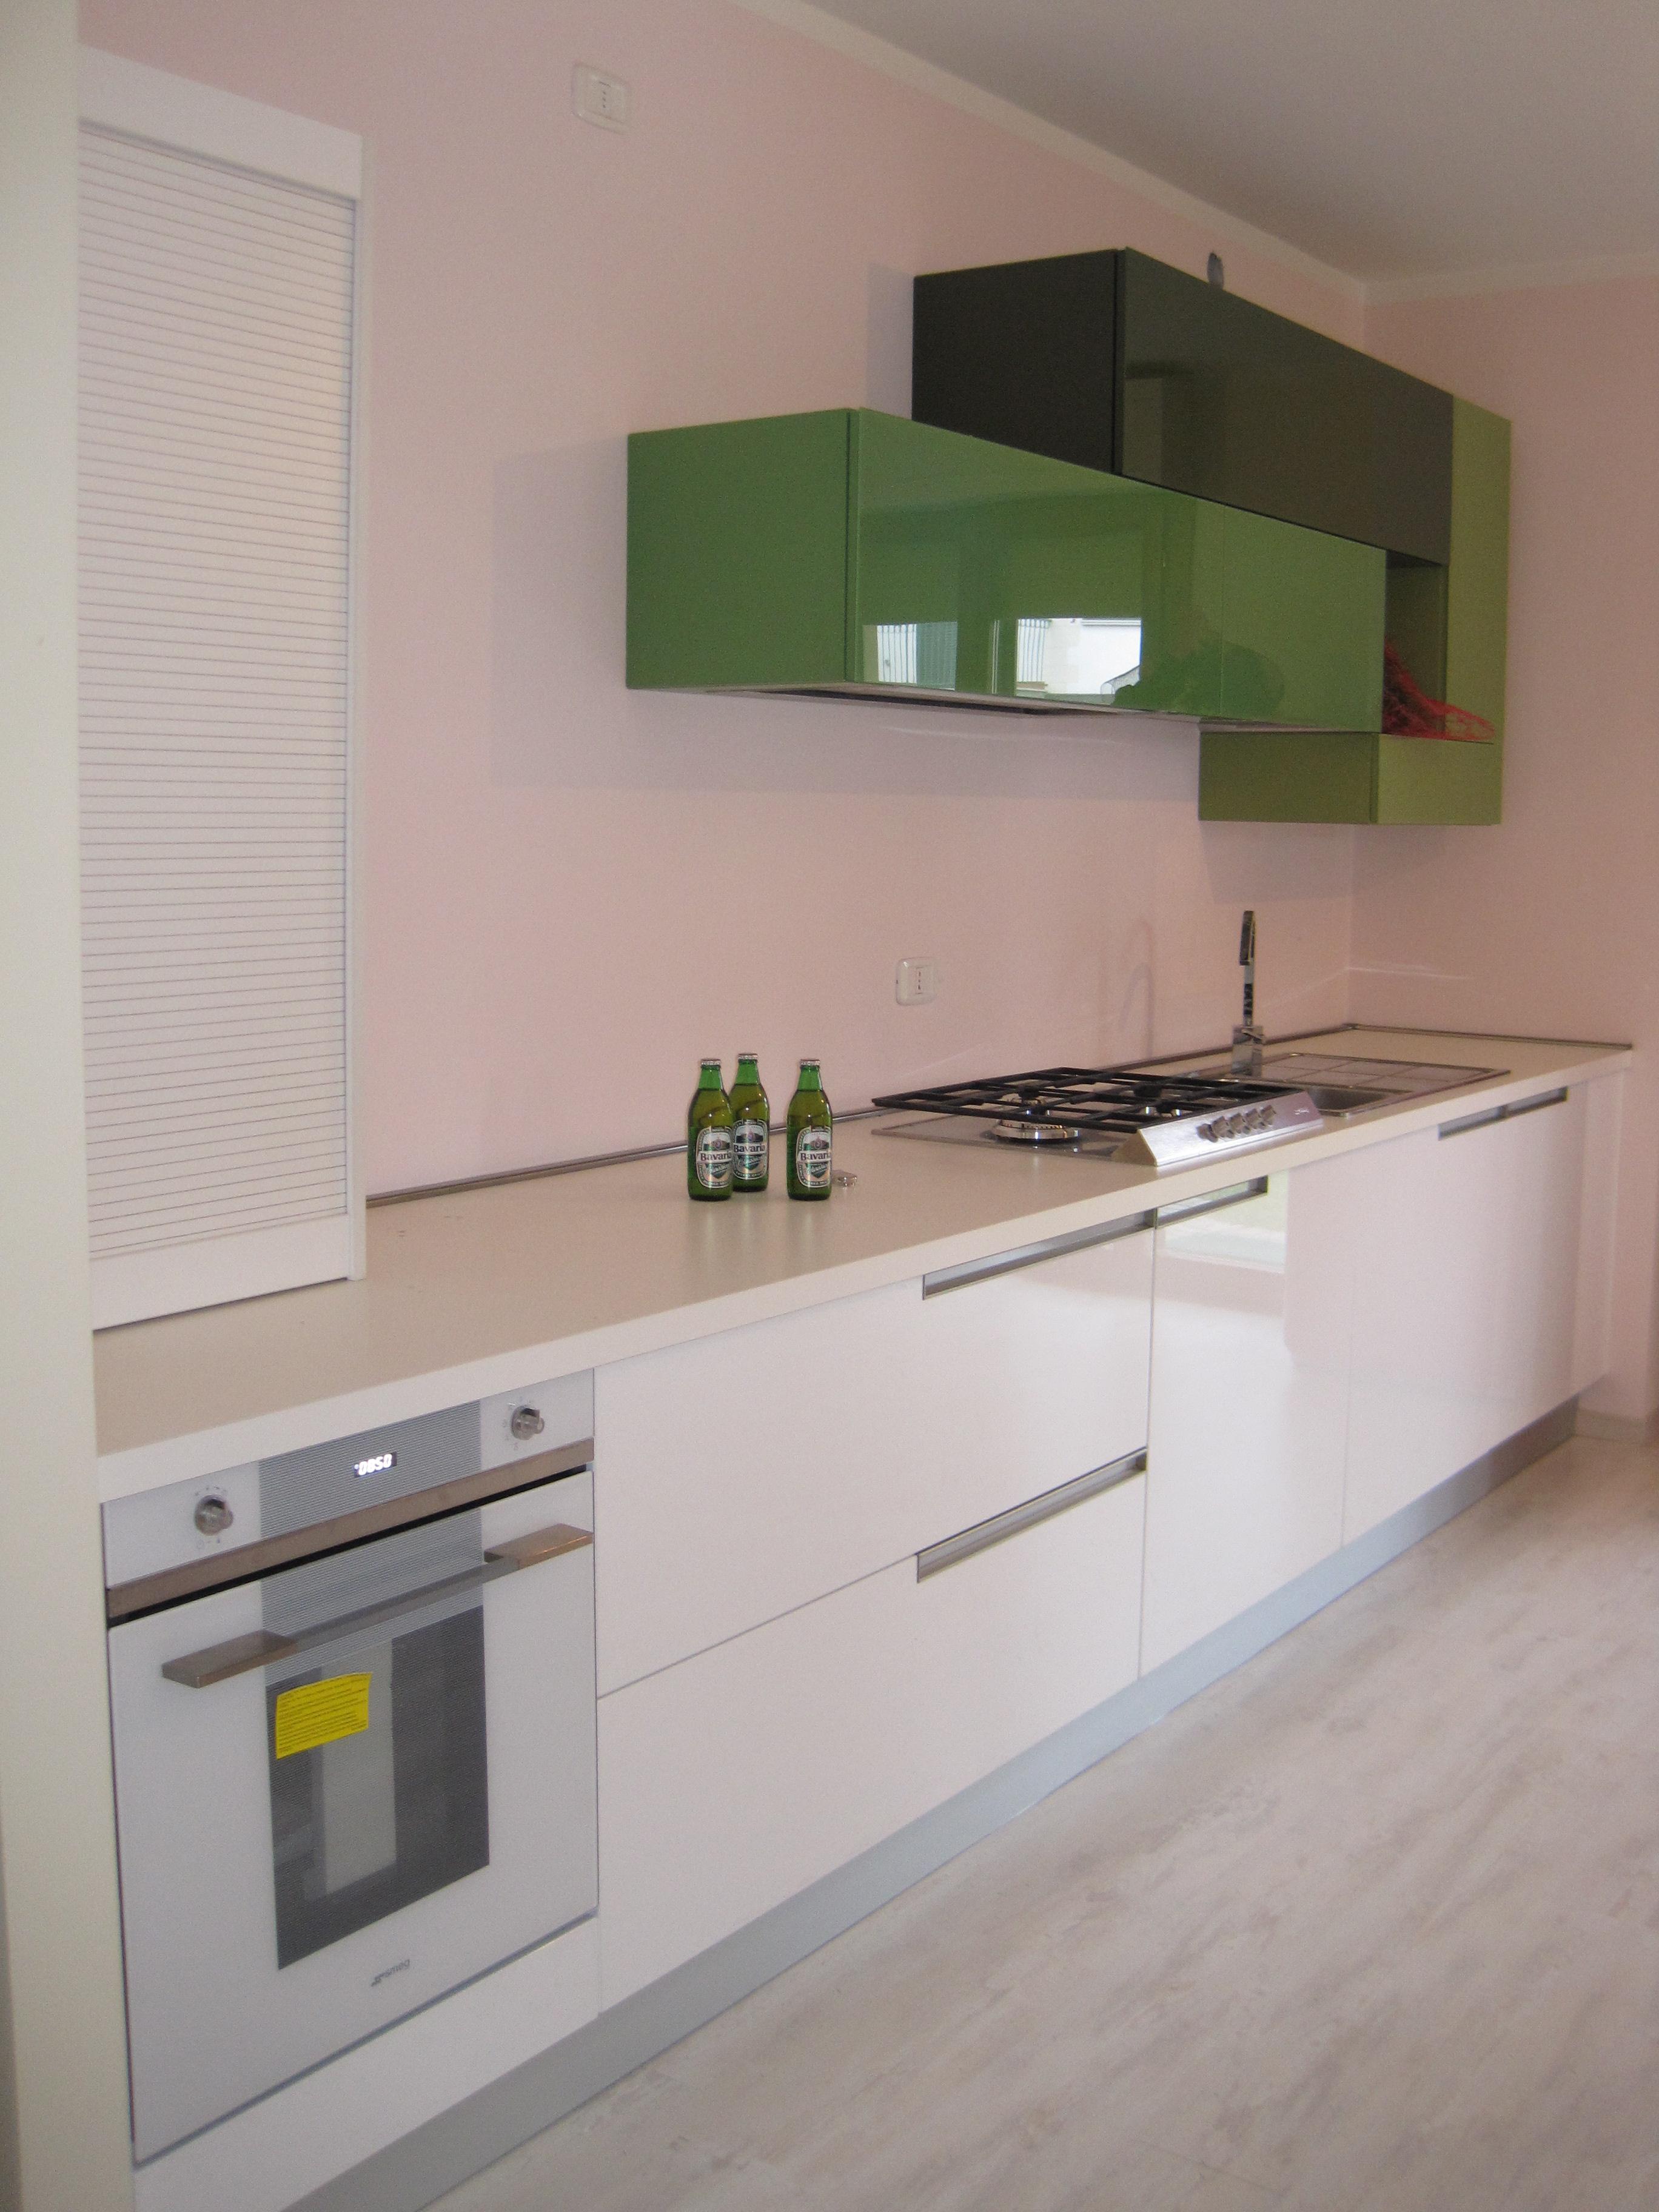 Cucine Su Misura Brescia cucine | zetadesign - arredamento brescia - mobili su misura